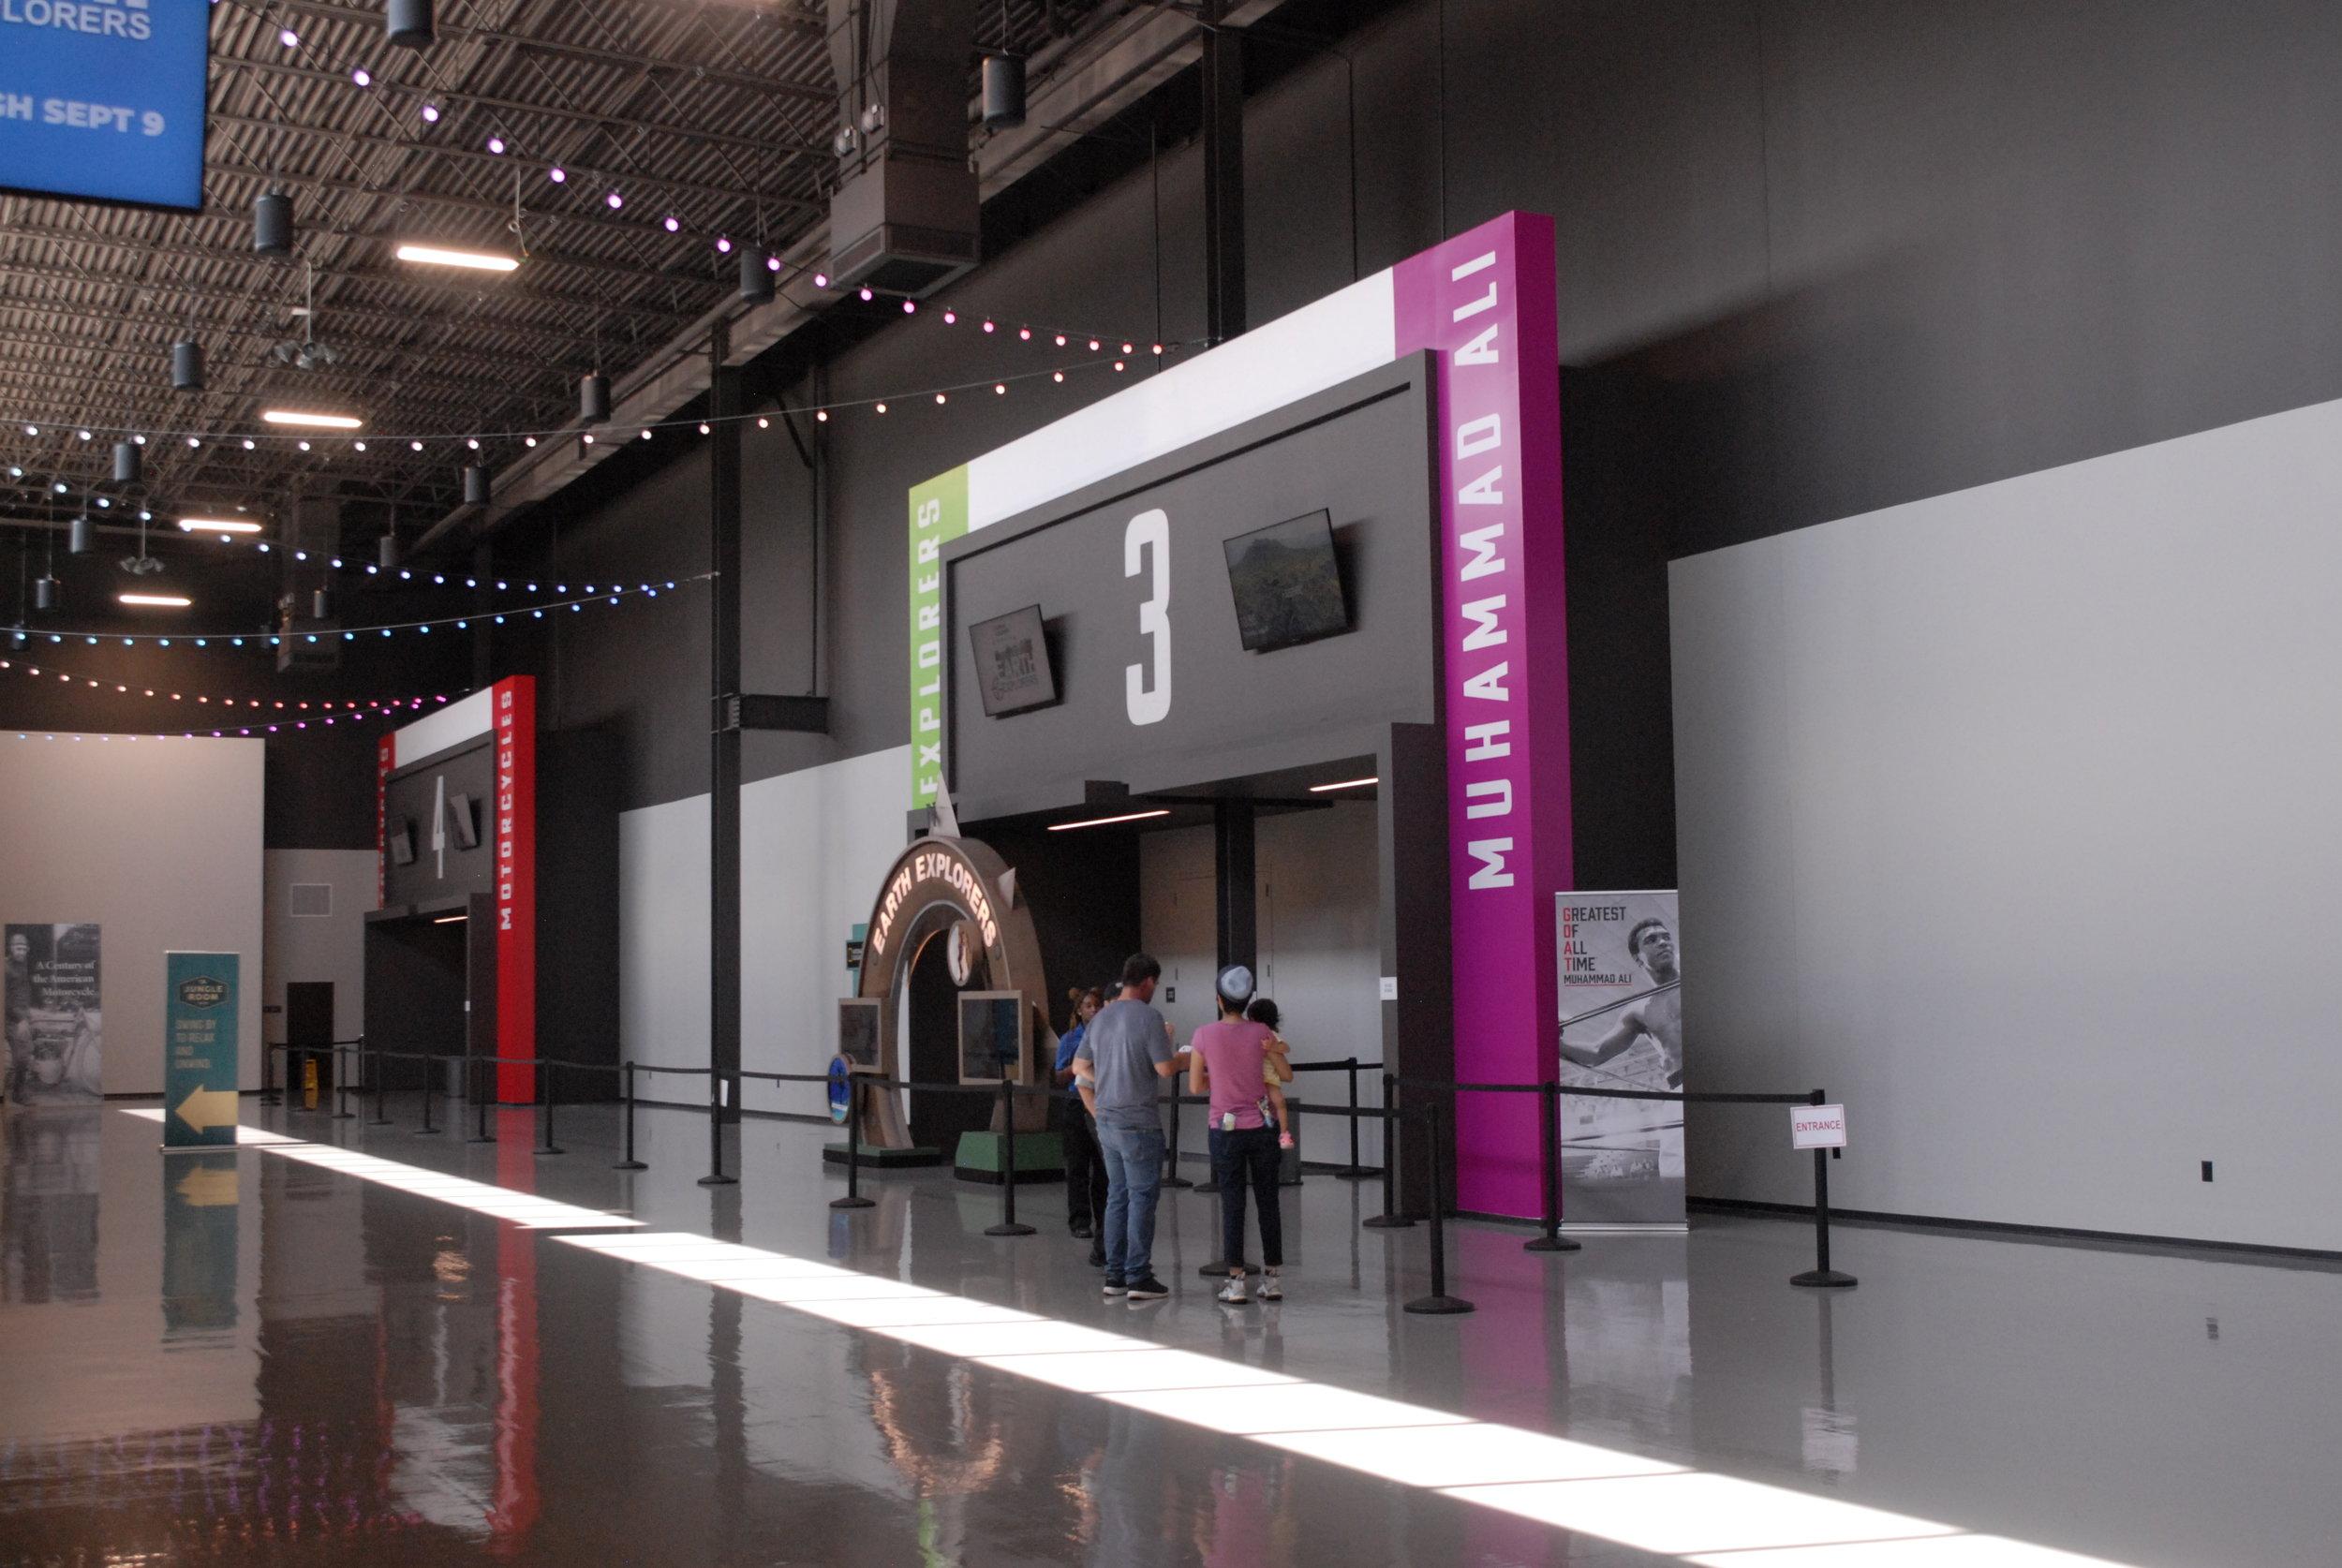 Graceland_Graceland-Exhibition-Center_Exhibit-Entrances_LSIGraphics_Memphis-TN-3 ..